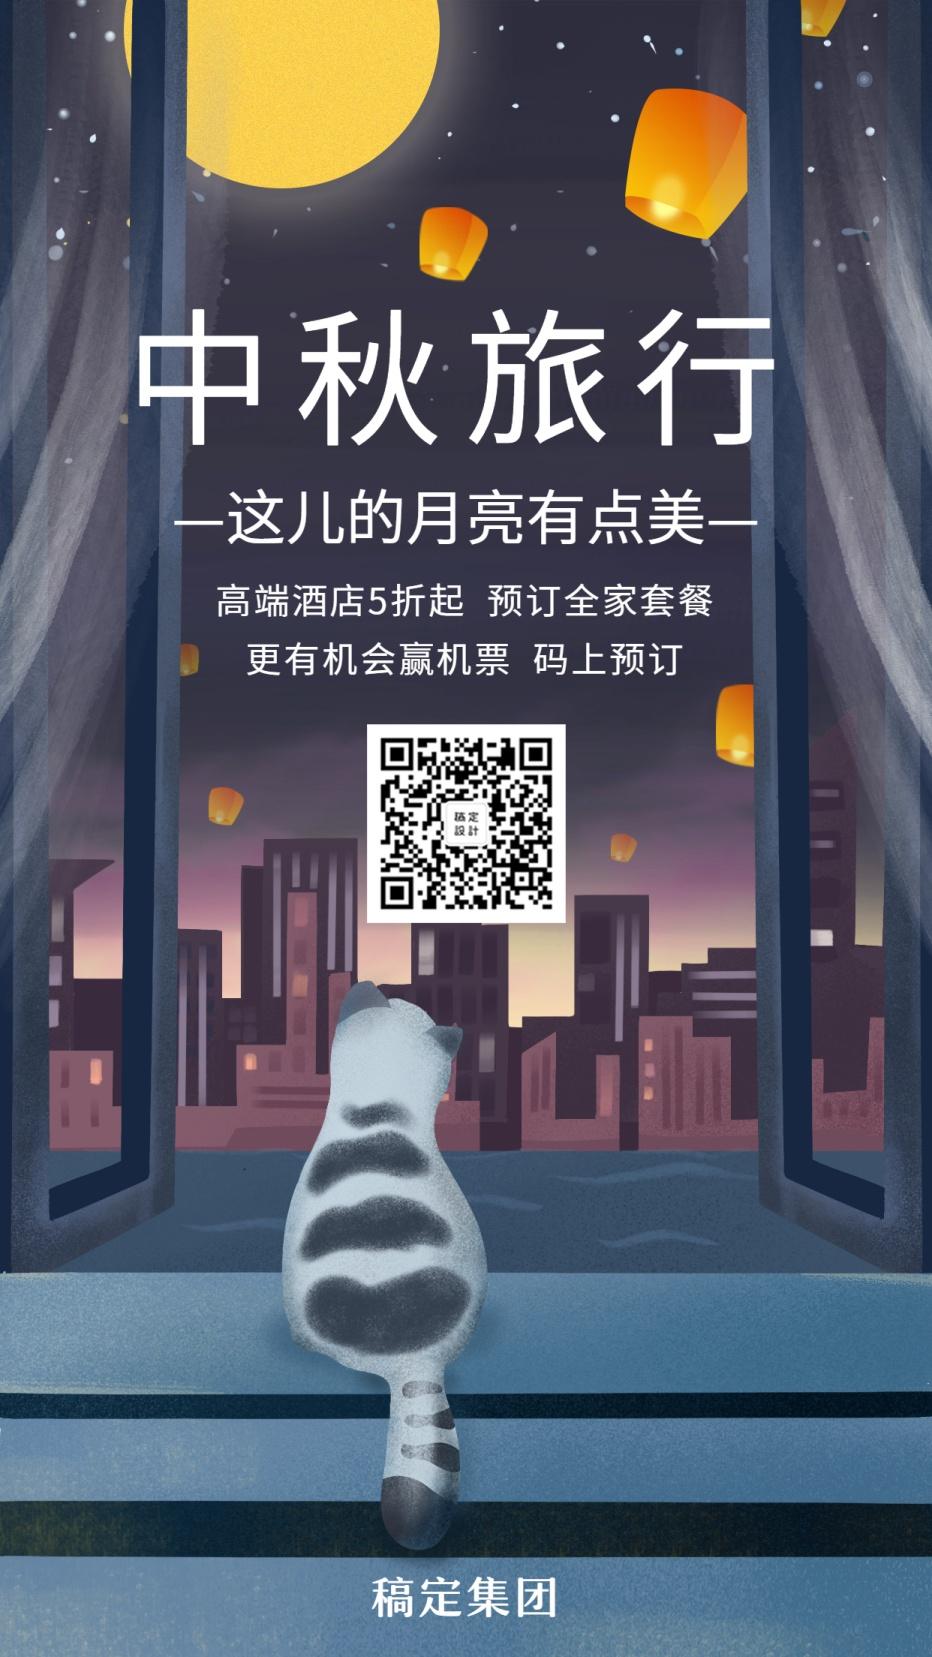 中秋月亮旅行酒店套餐旅游手机海报